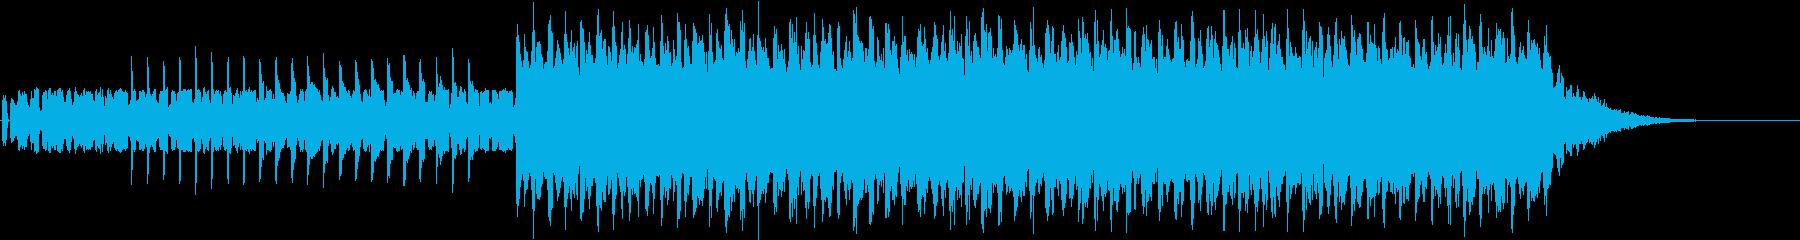 綺麗なシンセリードの再生済みの波形